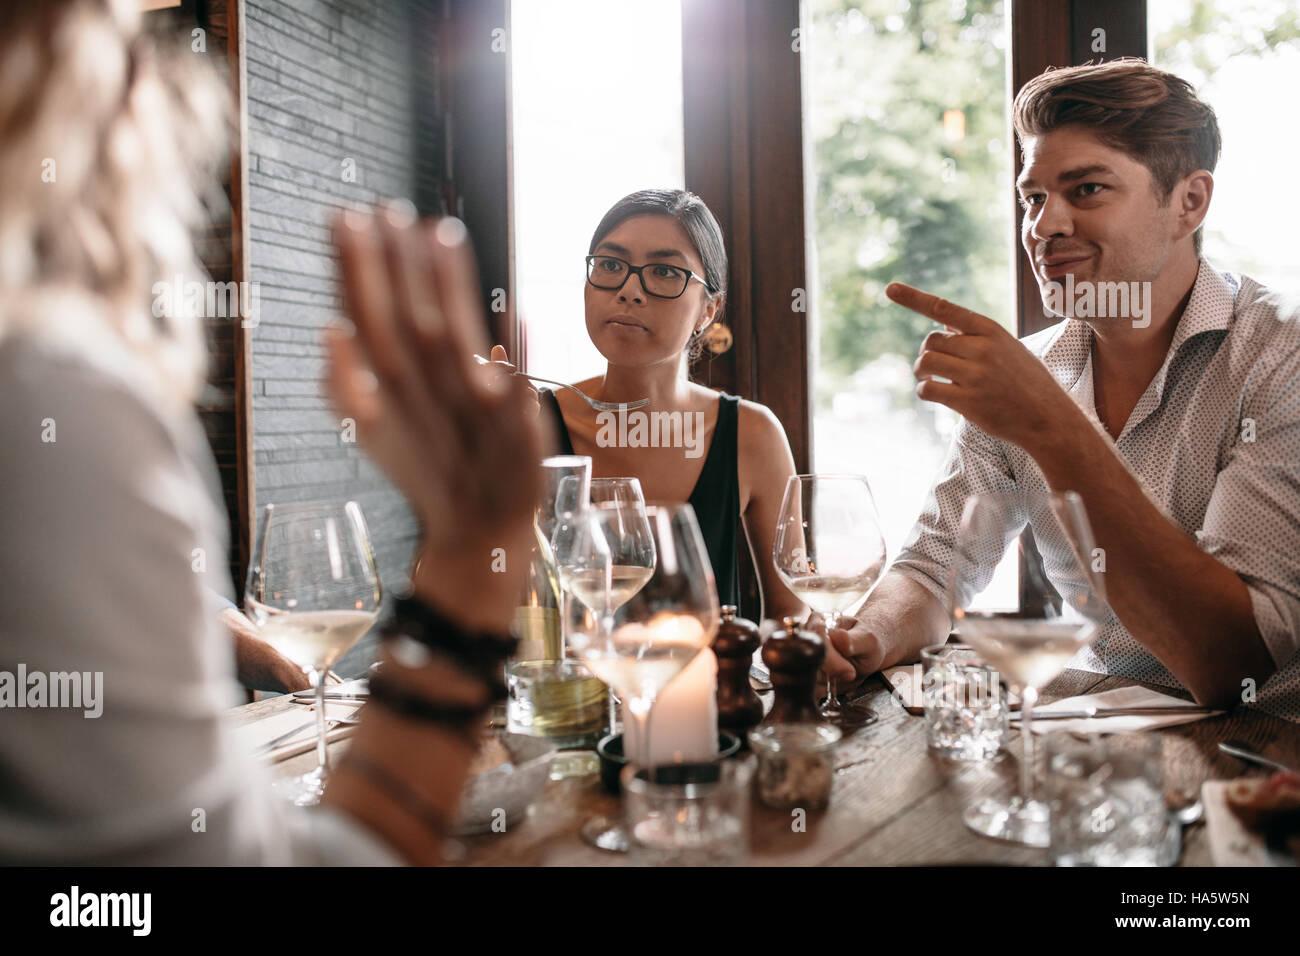 Groupe d'amis réunis au restaurant pour le dîner. Les jeunes hommes et femmes ayant des repas du soir Photo Stock